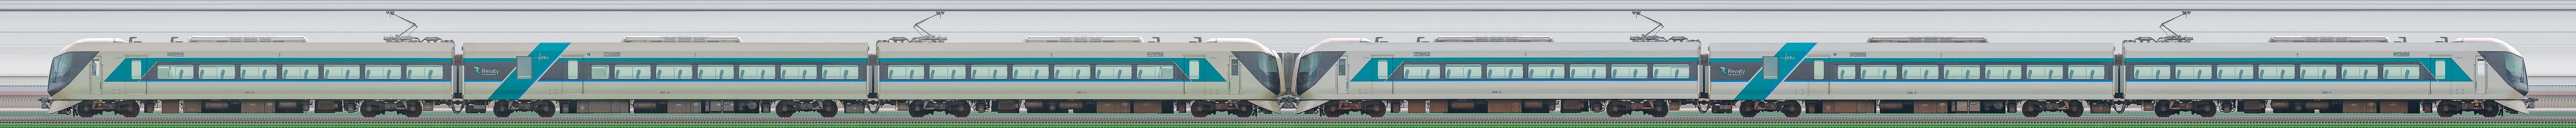 東武500系「リバティ」501編成(荷物置場設置後)+506編成(荷物置場設置前)(山側)の編成サイドビュー